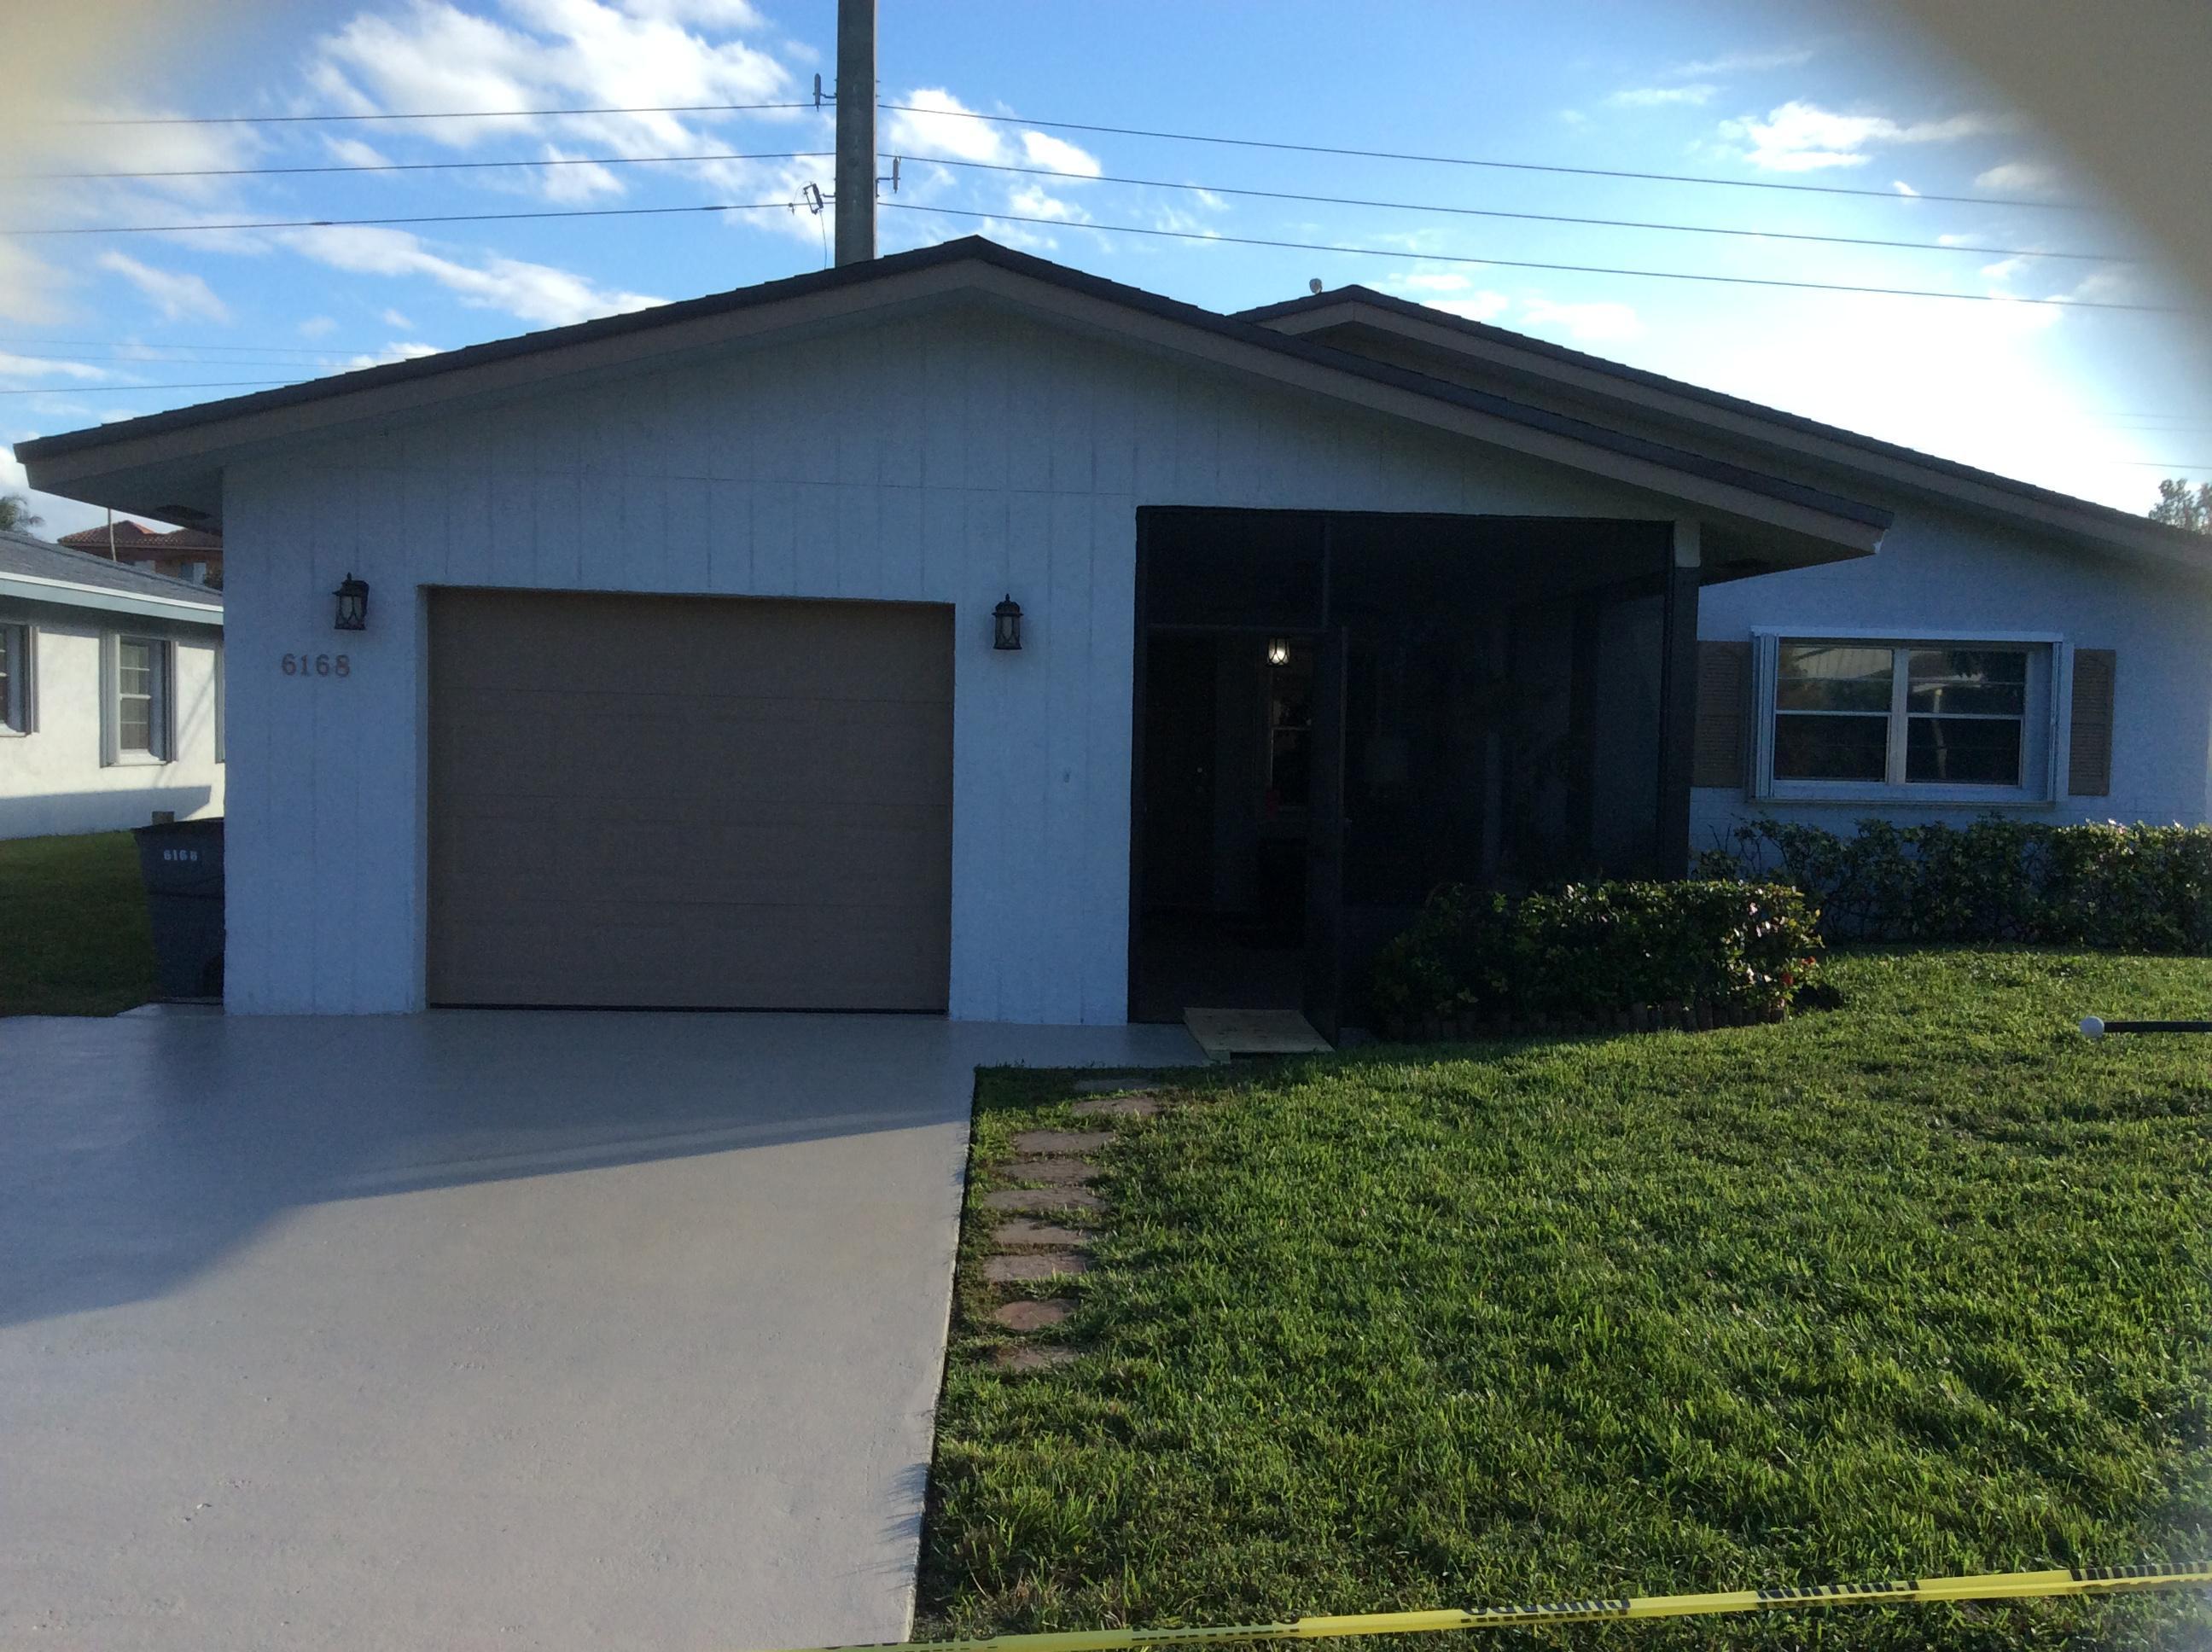 DELRAY VILLAS 5 home 6168 Stanley Lane Delray Beach FL 33484